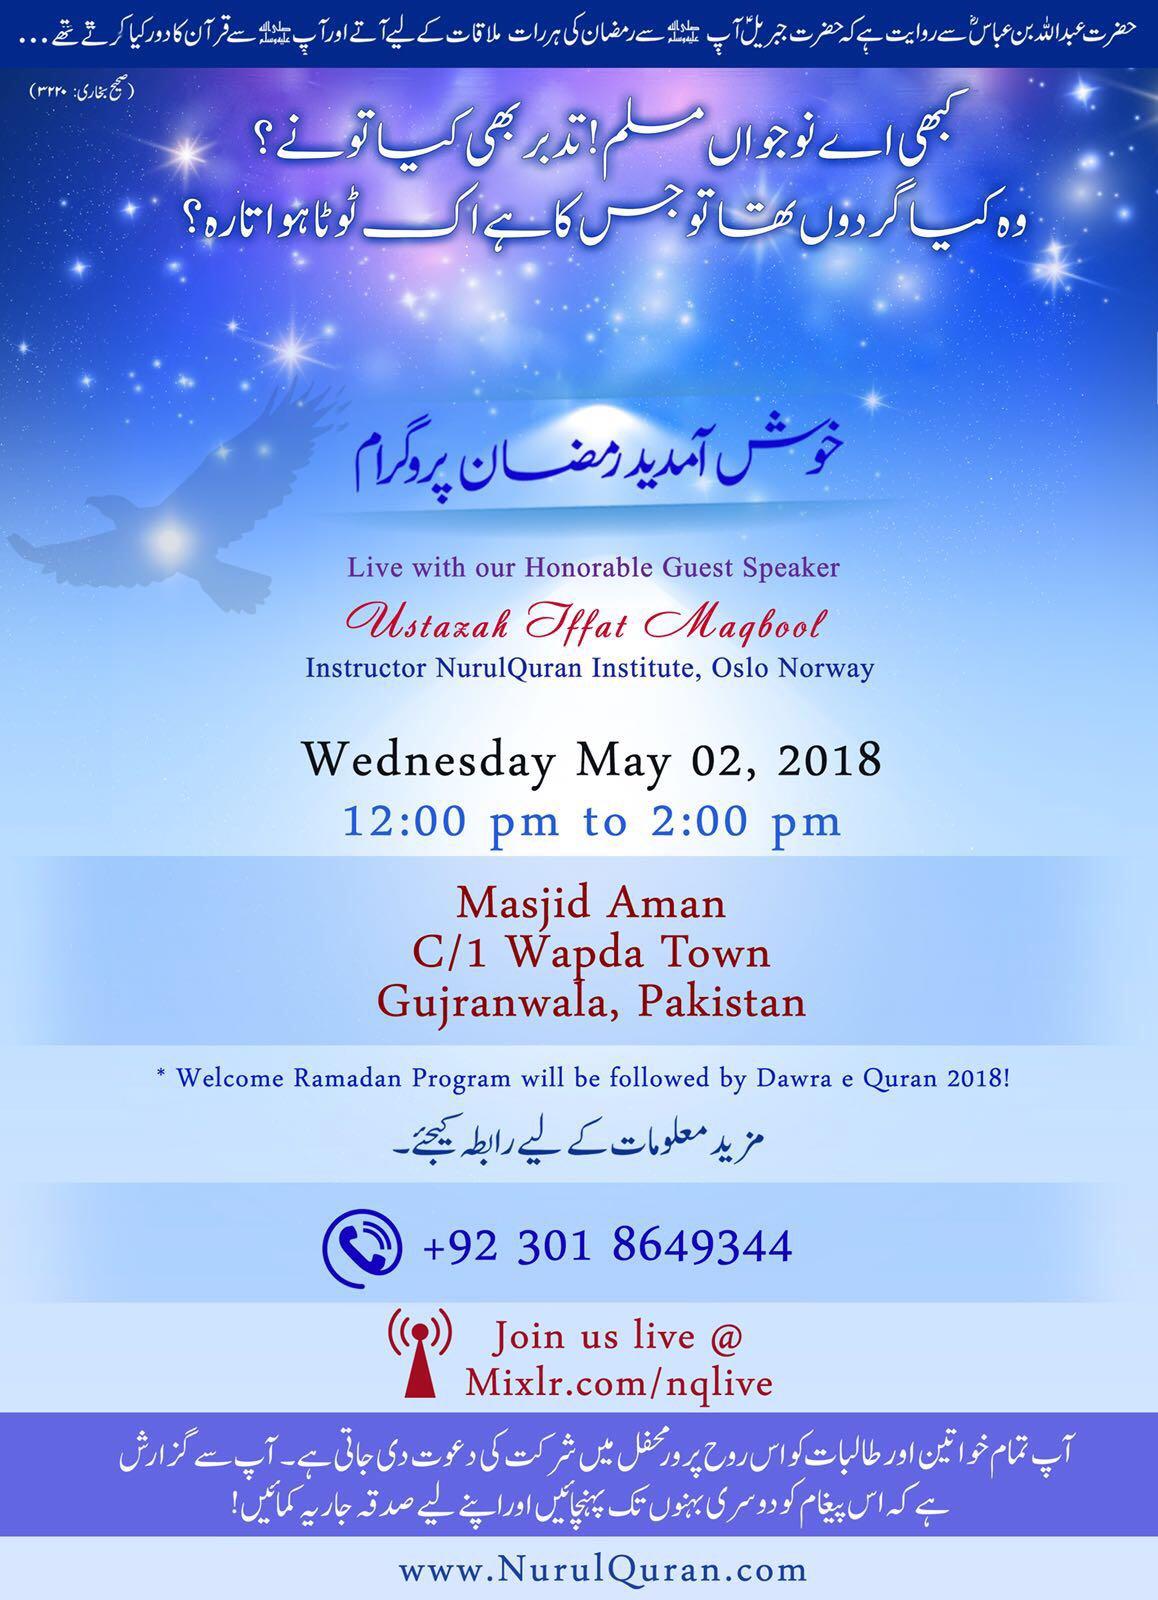 Welcome Ramadan Program